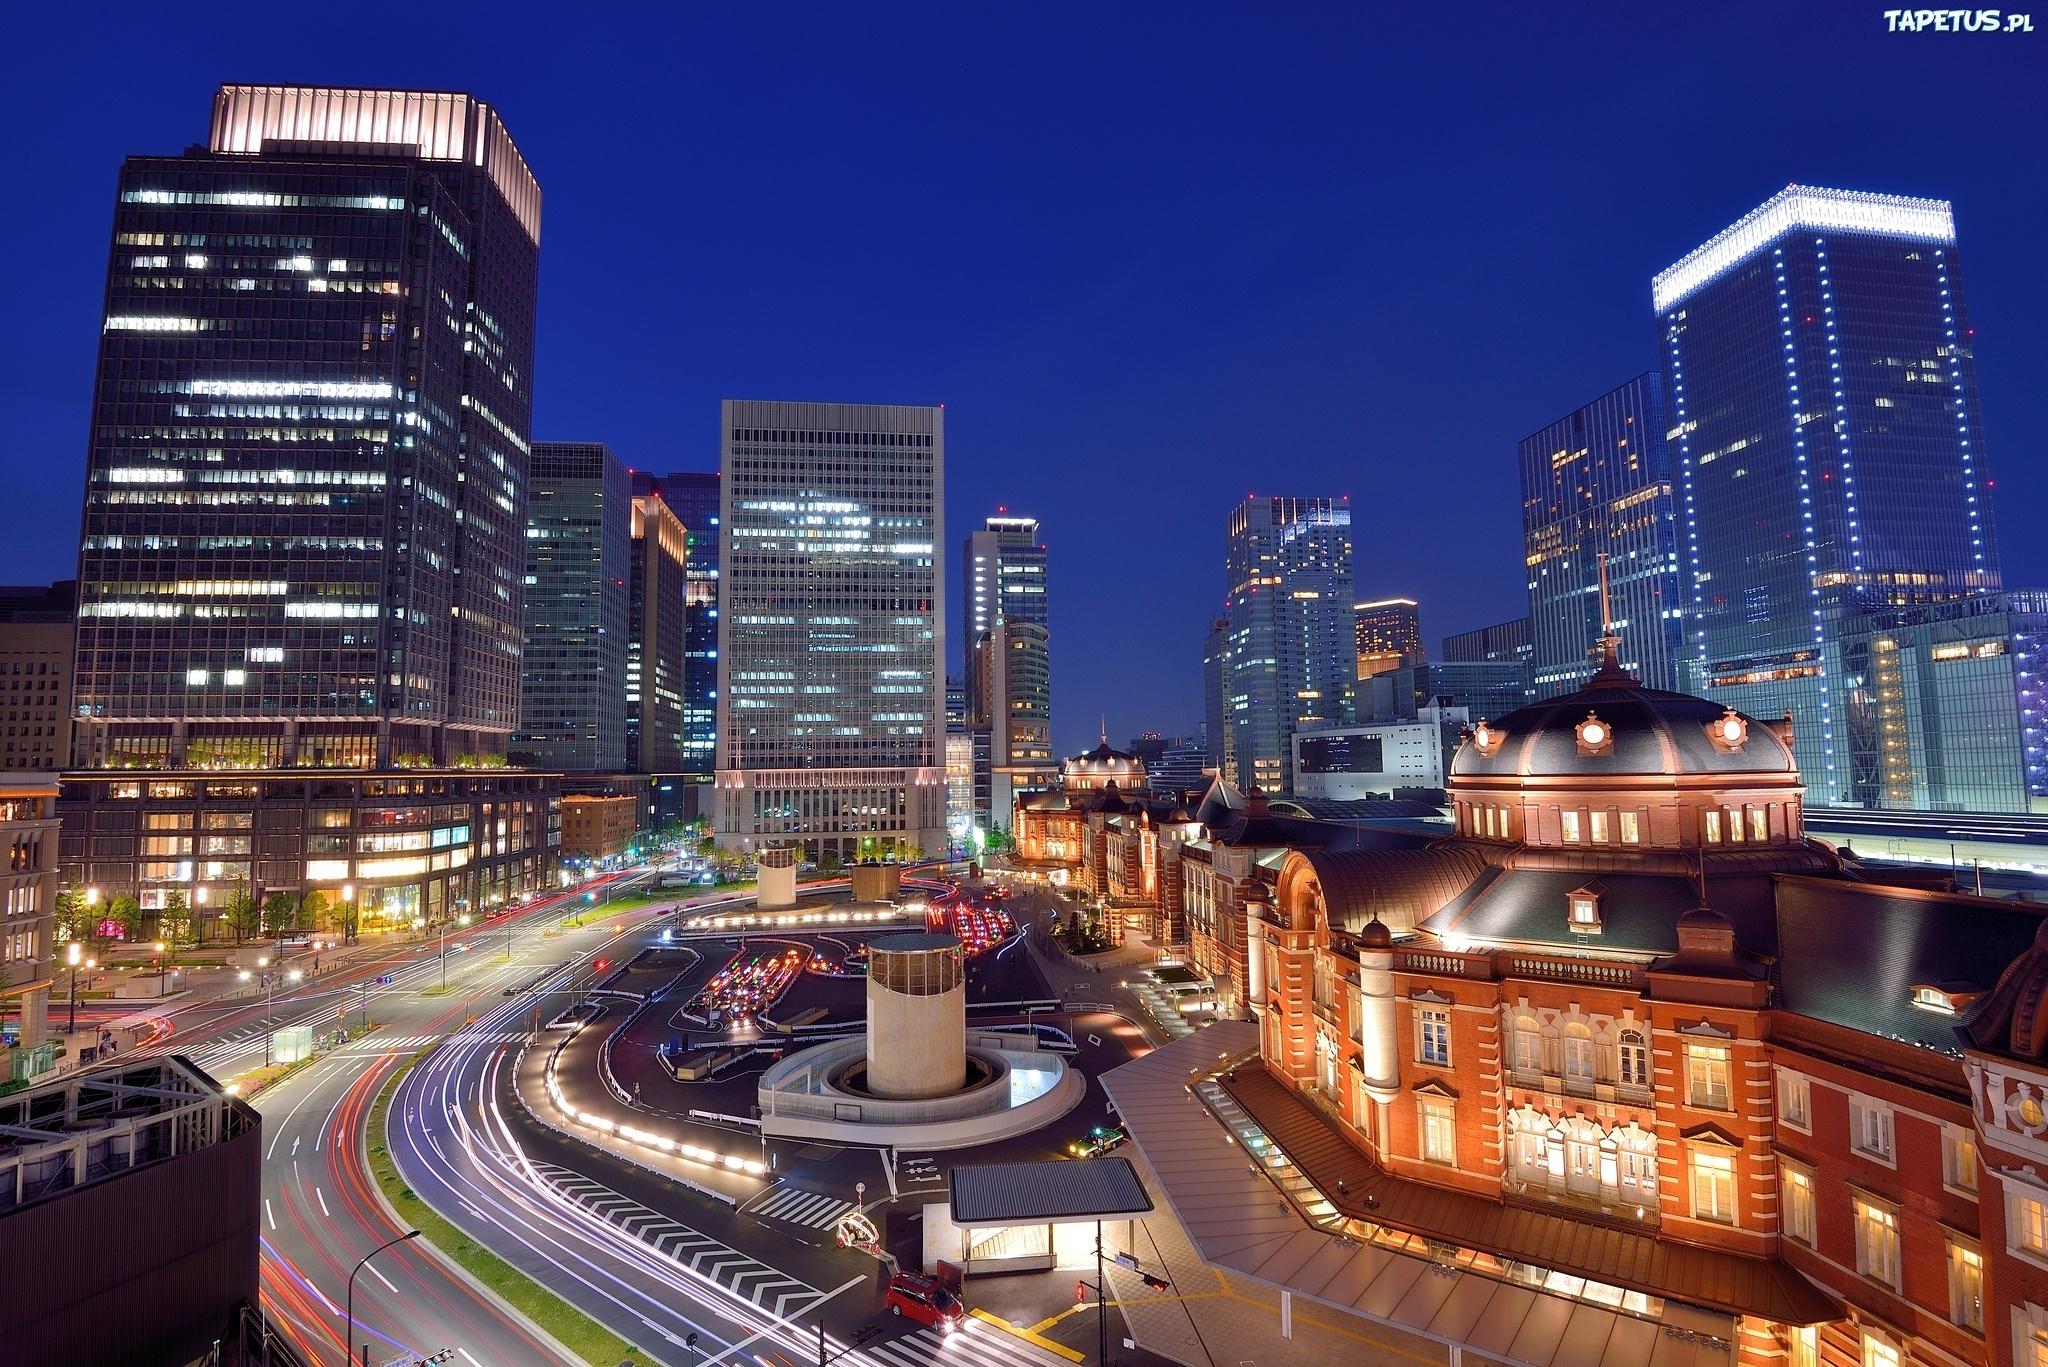 страны архитектура ночь Япония Токио country architecture night Japan Tokyo загрузить